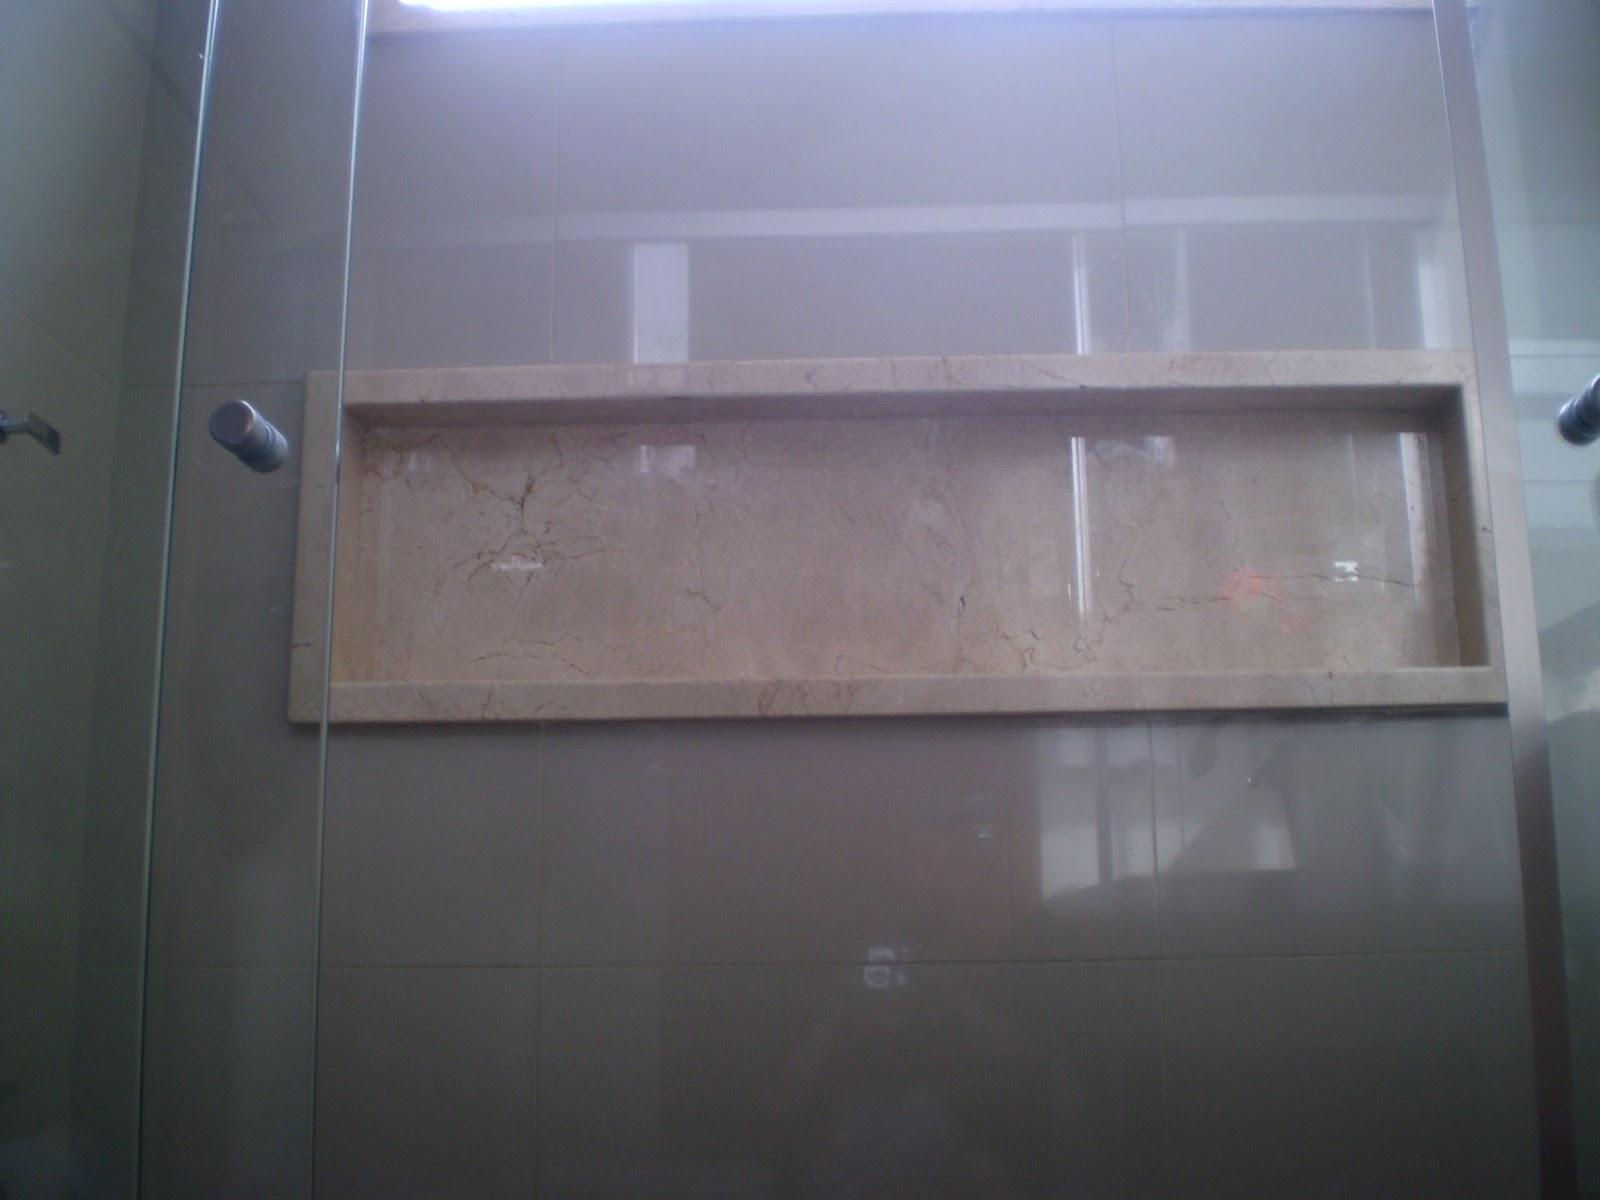 nichos dentro dos box dos banheiros. Gentemmmmmmmm étudodebom.com #3D4B8E 1600x1200 Banheiro Com Banheira No Box